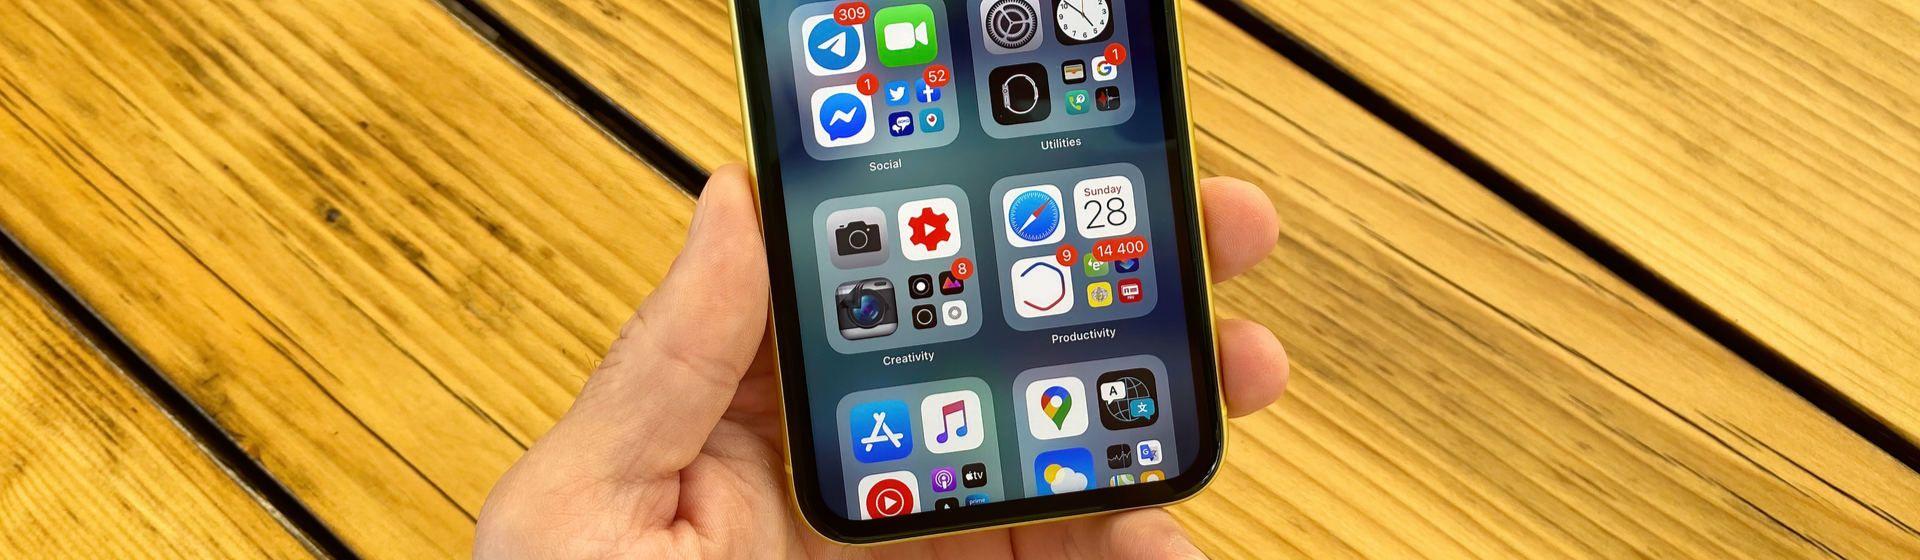 Como criar pastas no iPhone?